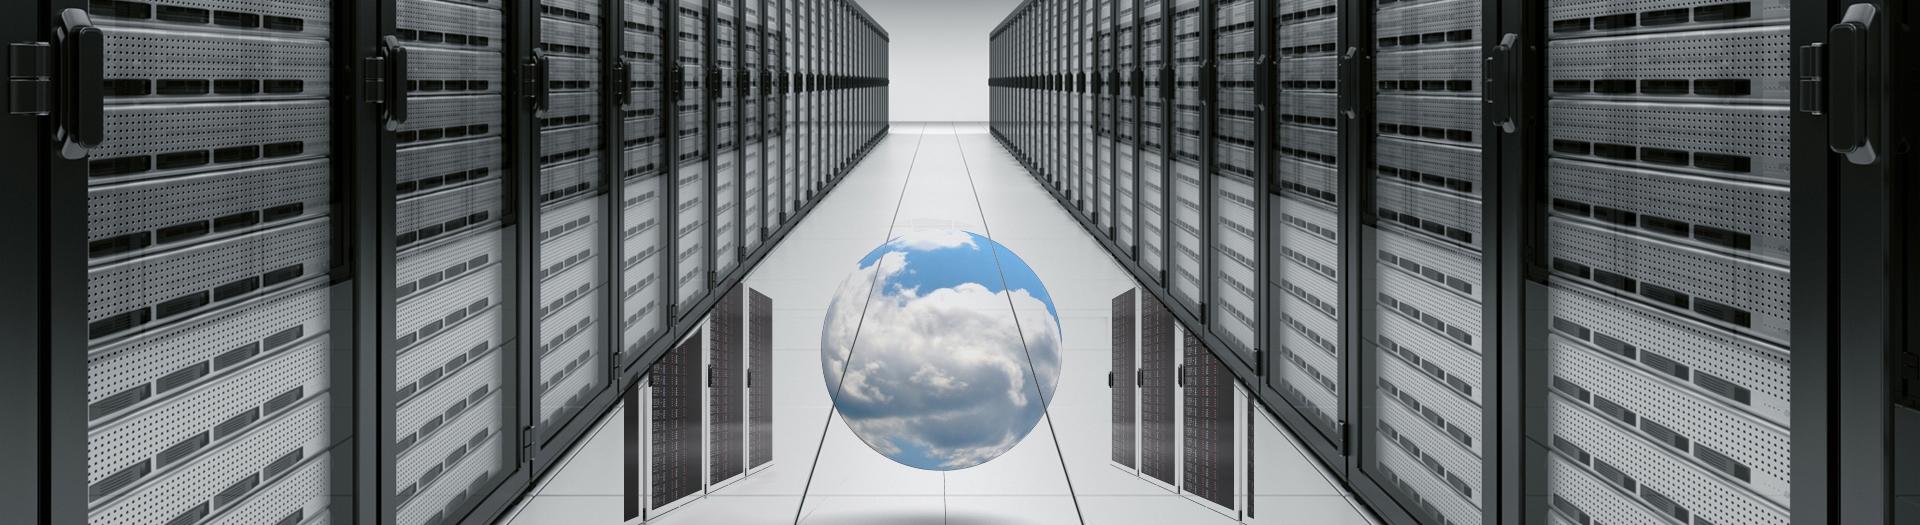 virtual-datacenter